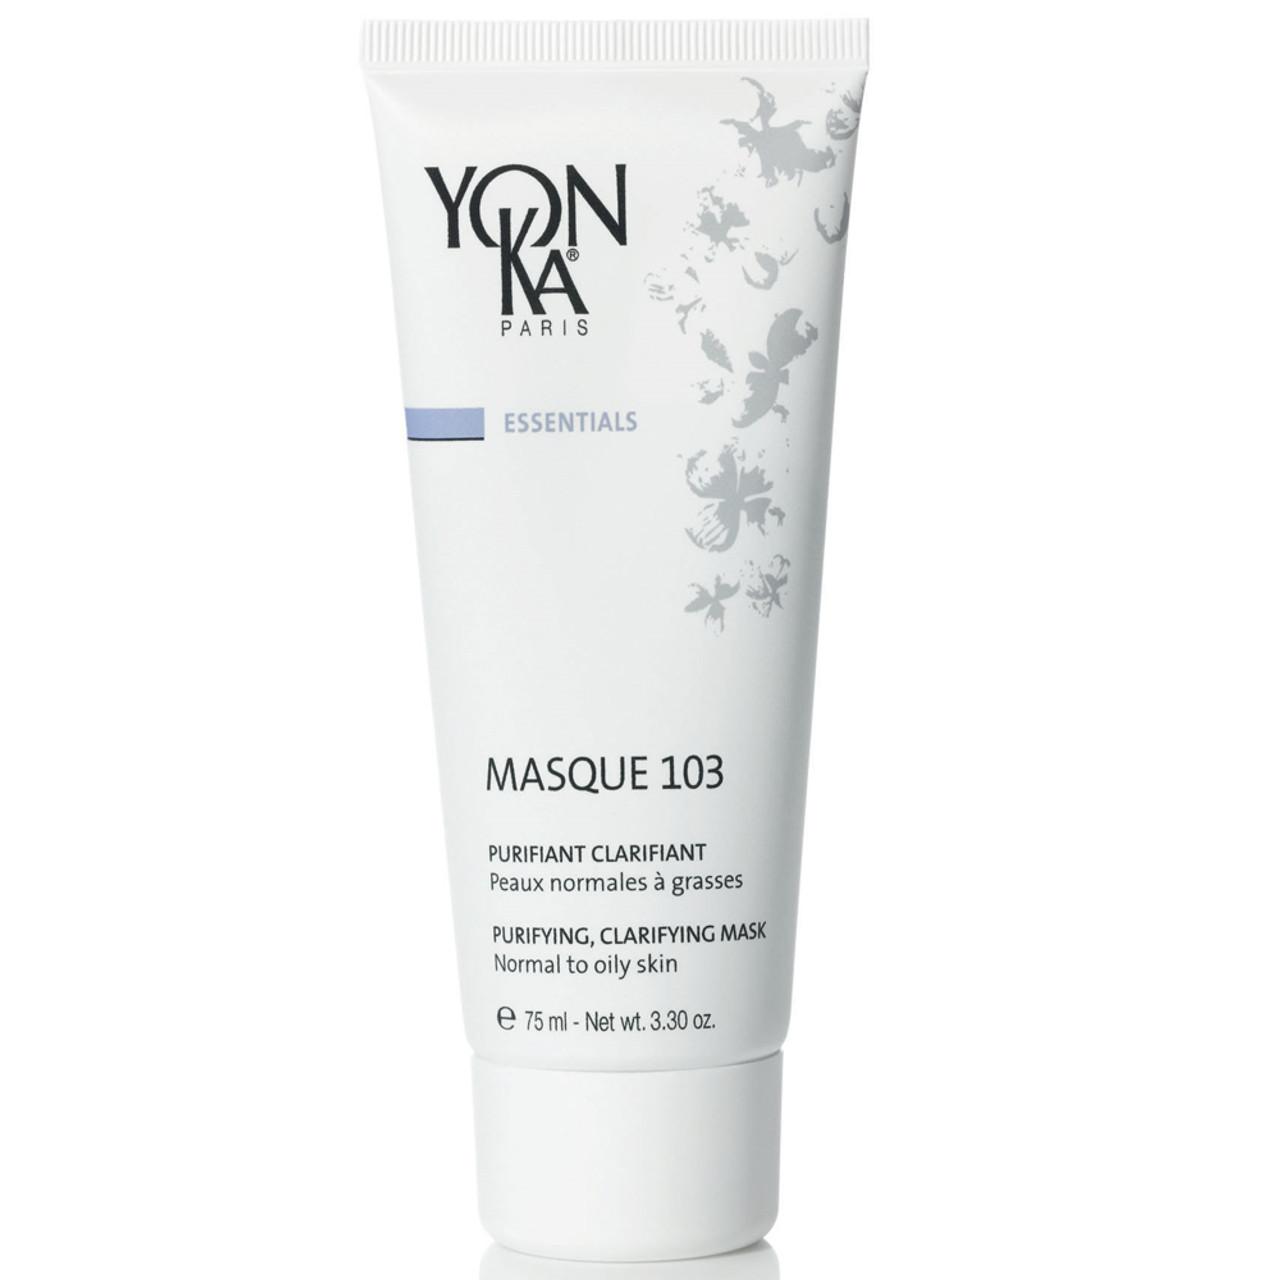 YonKa Masque 103 Purifying Clarifying Masque